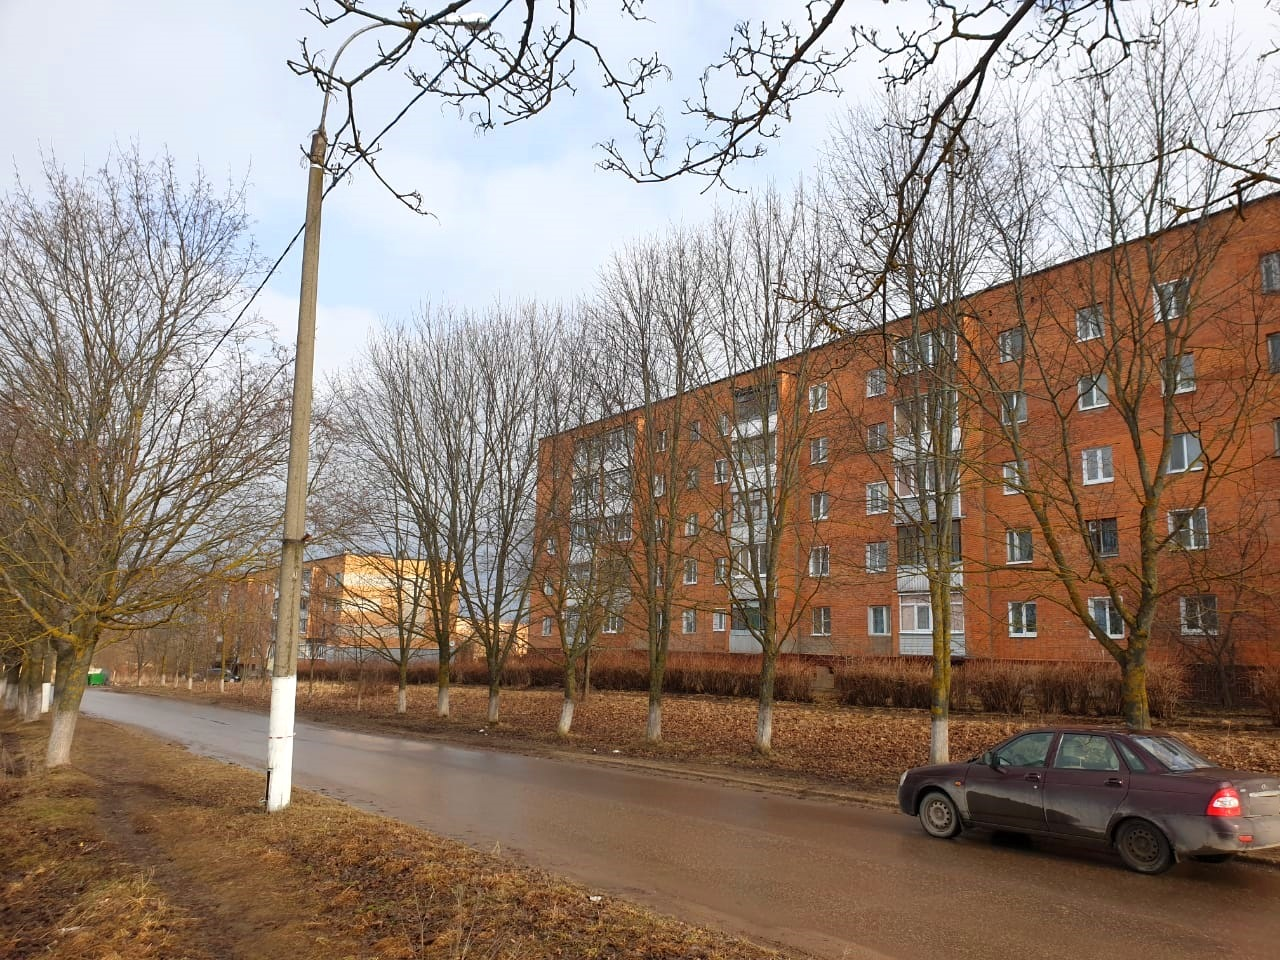 Продаю 1 комнтаную квартиру в Товарково - 1.200.000 Объявления продажа квартир в поселок Товарково Дзержинского района Калужской области